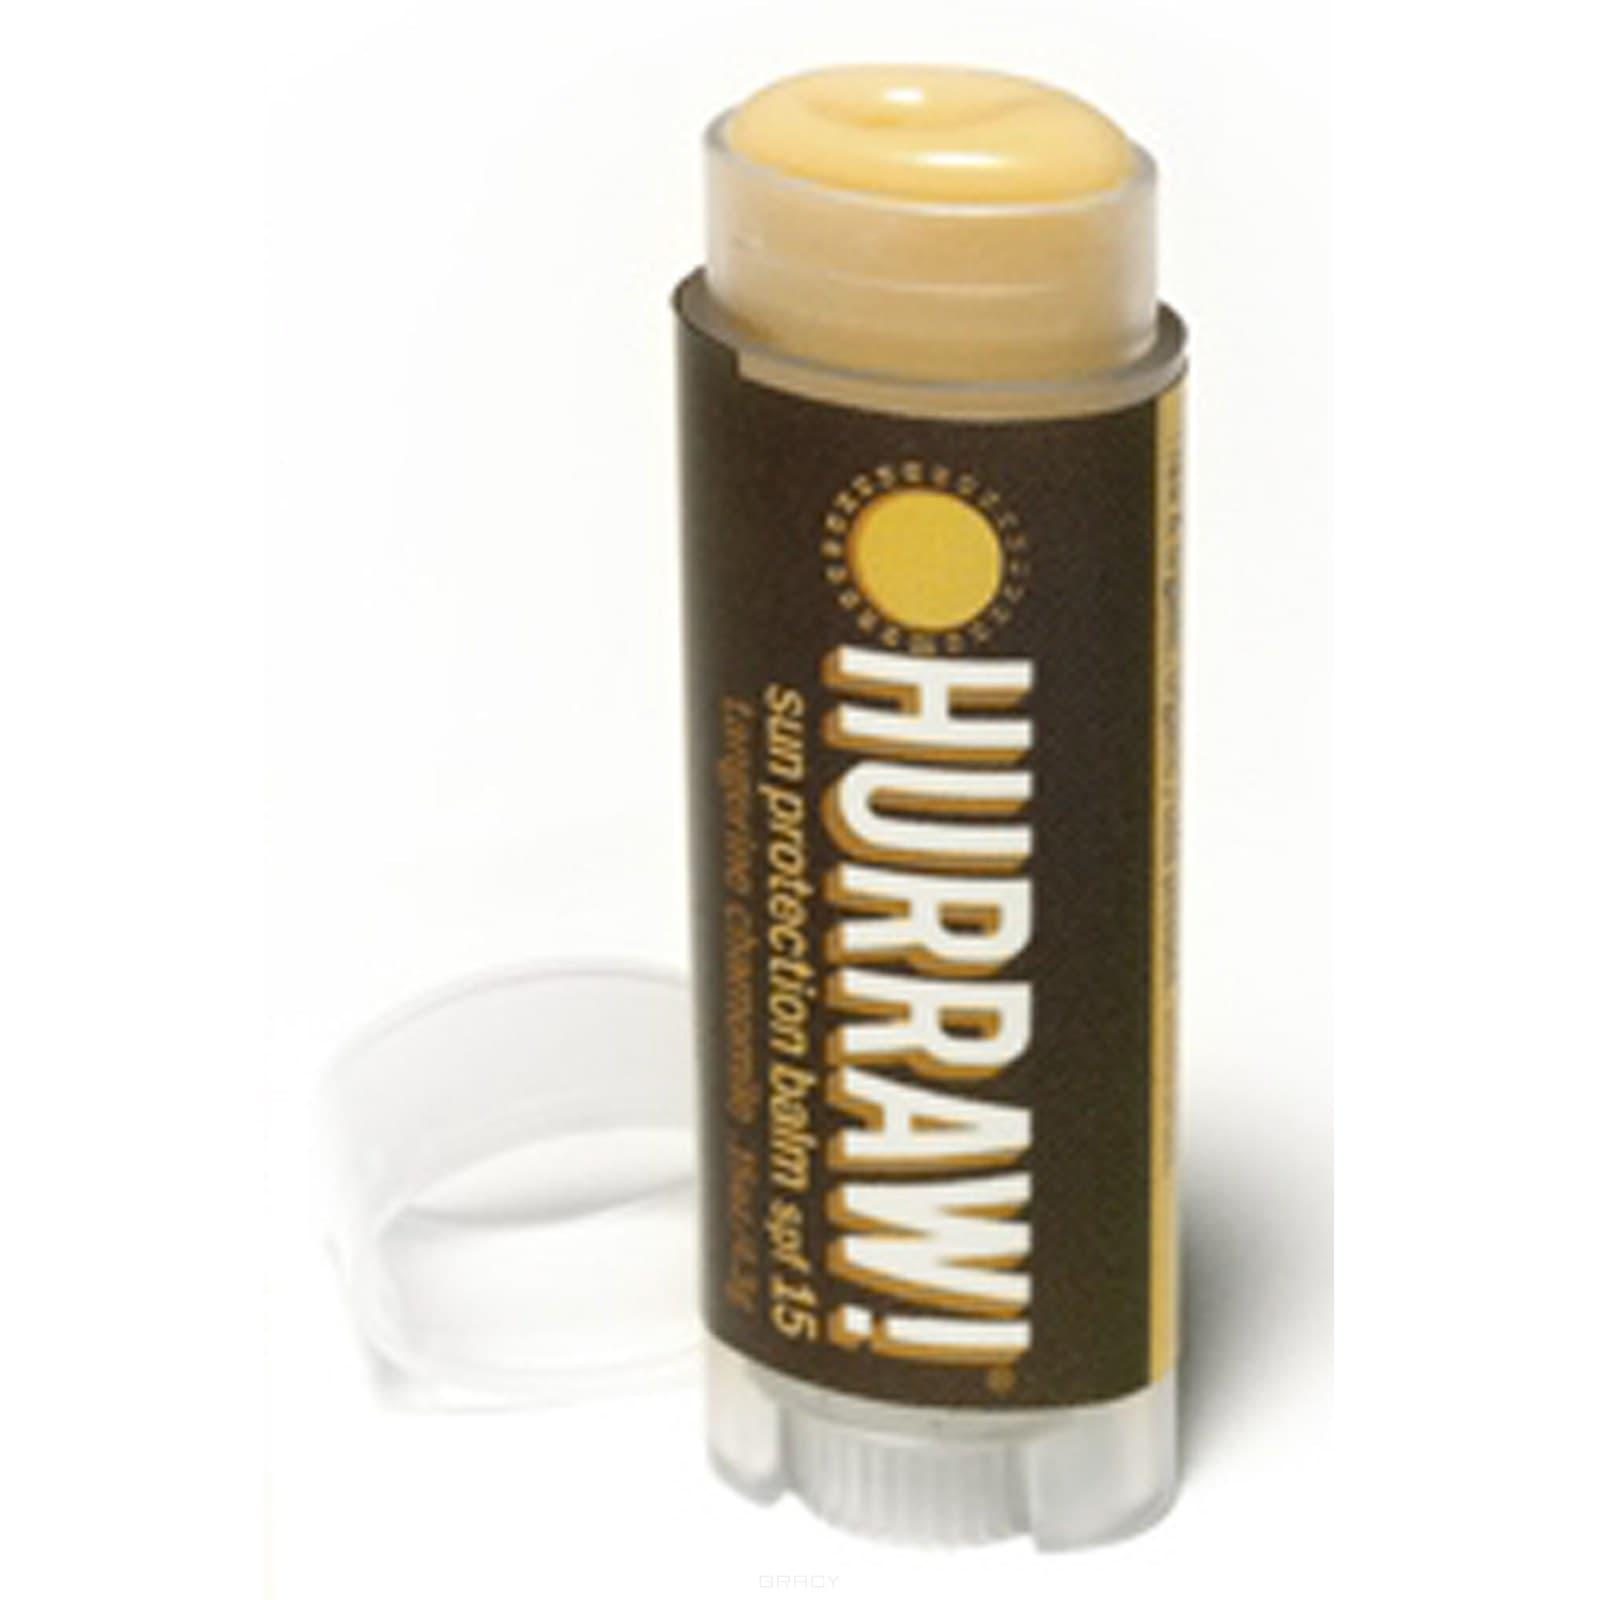 Бальзам для губ Мандарин, ваниль, ромашка Sun Protection Balm SPF 15Бальзам для губ Hurraw! Капха создан на основе аюрведы (древней индийской медицины). Аюрведическая серия бальзамов создавалась более двух лет. Натуральный продукт с необычным сочетанием вкусов. Такое разнообразие вкусов оценят даже самые придирчивые гурманы. Полностью органическая продукция, не имеющая в составе ингредиентов животного происхождения. Удобная форма позволяет помещать бальзам в карман джинсов.&#13;<br>&#13;<br>  &#13;<br>&#13;<br>&#13;<br>Особенности бальзамов Hurraw!:&#13;<br>&#13;<br>Удобная форма упаковки, позволяет использовать бальзам даже за рулем автомобиля;&#13;<br>&#13;<br>Содержат кунжутное масло, кокосовое молоко, масло какао и другие натуральные ингредиенты, делающие Ваши губы мягкими и привлекательными;&#13;<br>&#13;<br>Имеют приятный запах и вкус;&#13;<br>&#13;<br>Не содержат воска и вредных веществ, чистый продукт;&#13;<br>&#13;<br>Высокое качество, соответствующее цене;&#13;<br>&#13;<br>22 ярких вкуса;<br>